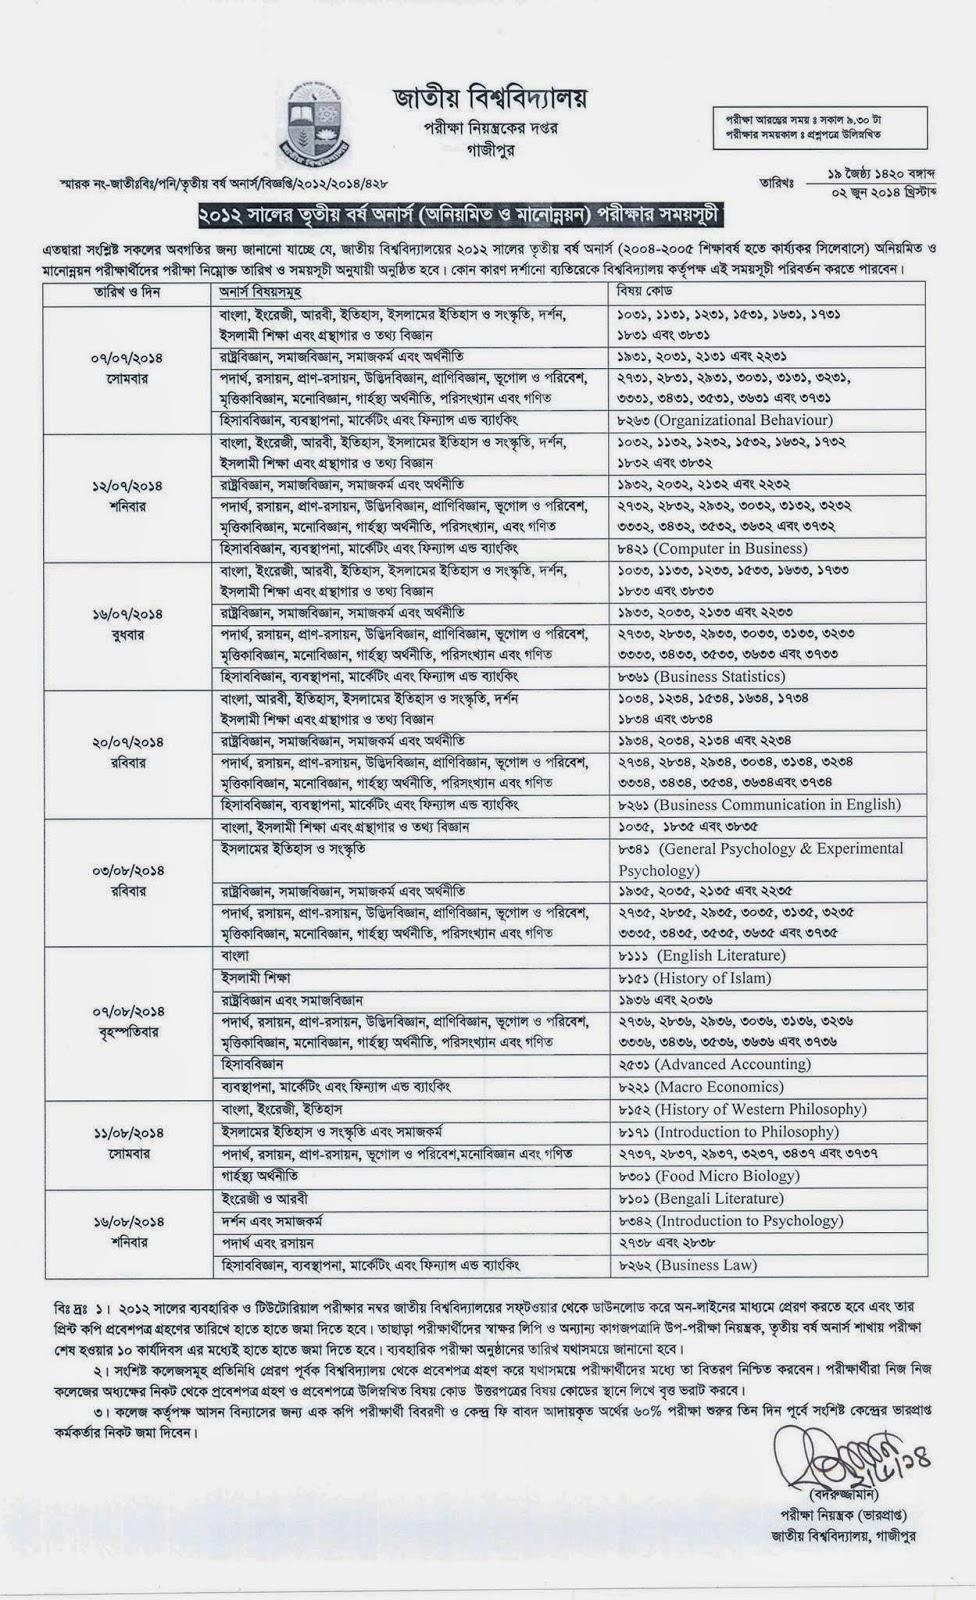 জাতীয় বিশ্ববিদ্যালয় অনার্স তৃতীয় বর্ষ ২০১২ নিয়মিত, অনিয়মিত ও মানোন্নয়ন পরীক্ষার সময়সূচী।, Honours 3rd year routine 2014